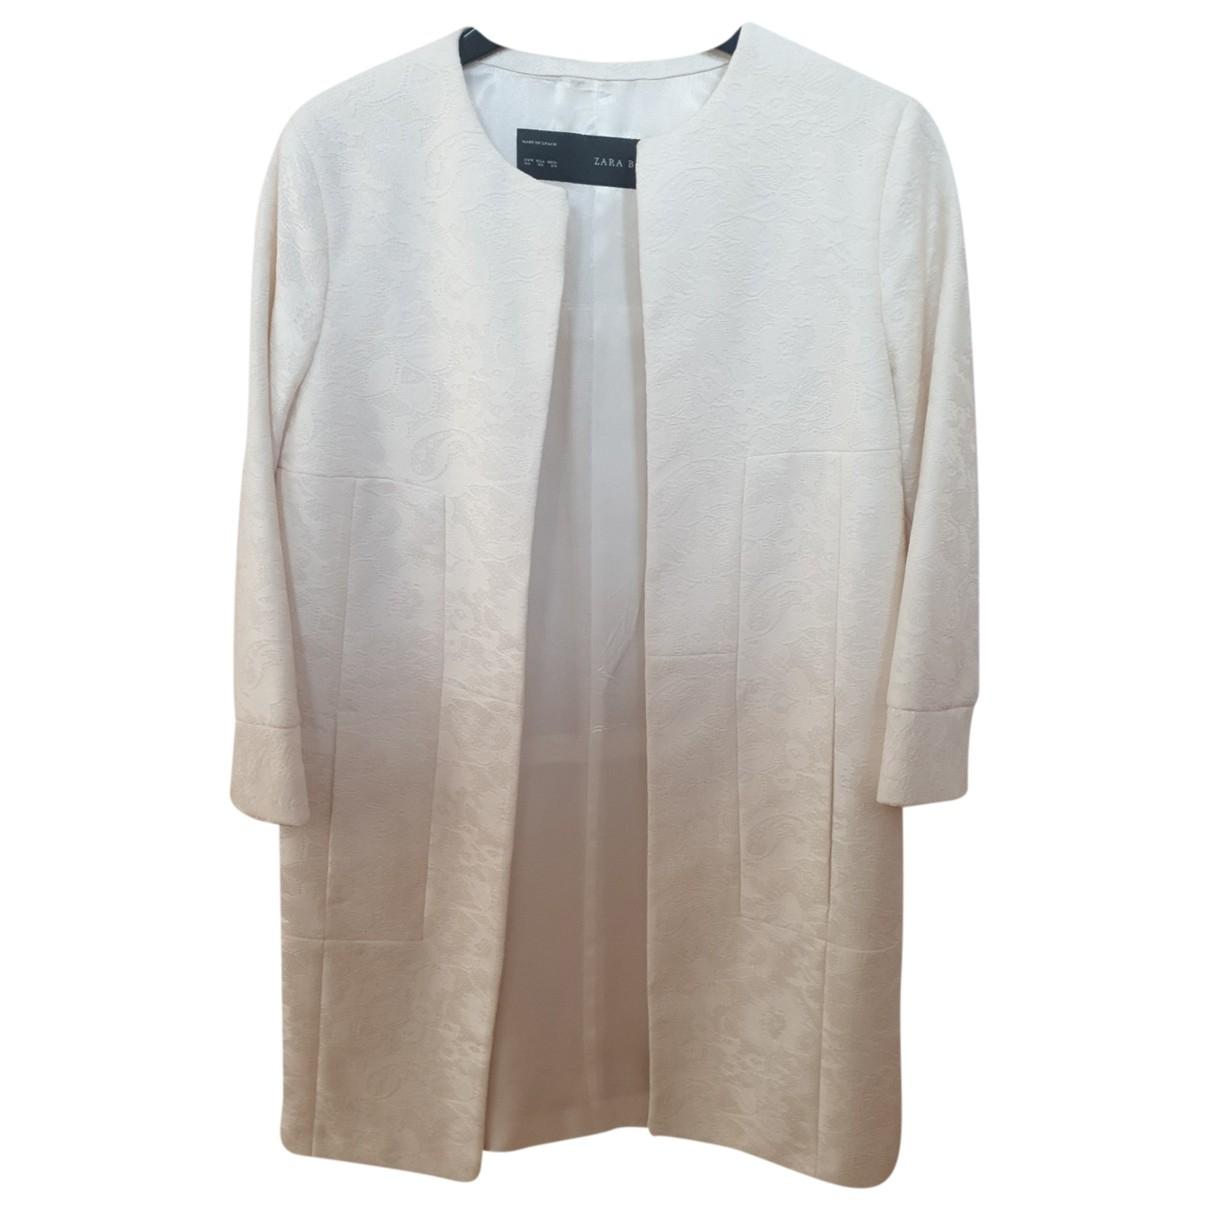 Zara N jacket for Women 8 UK